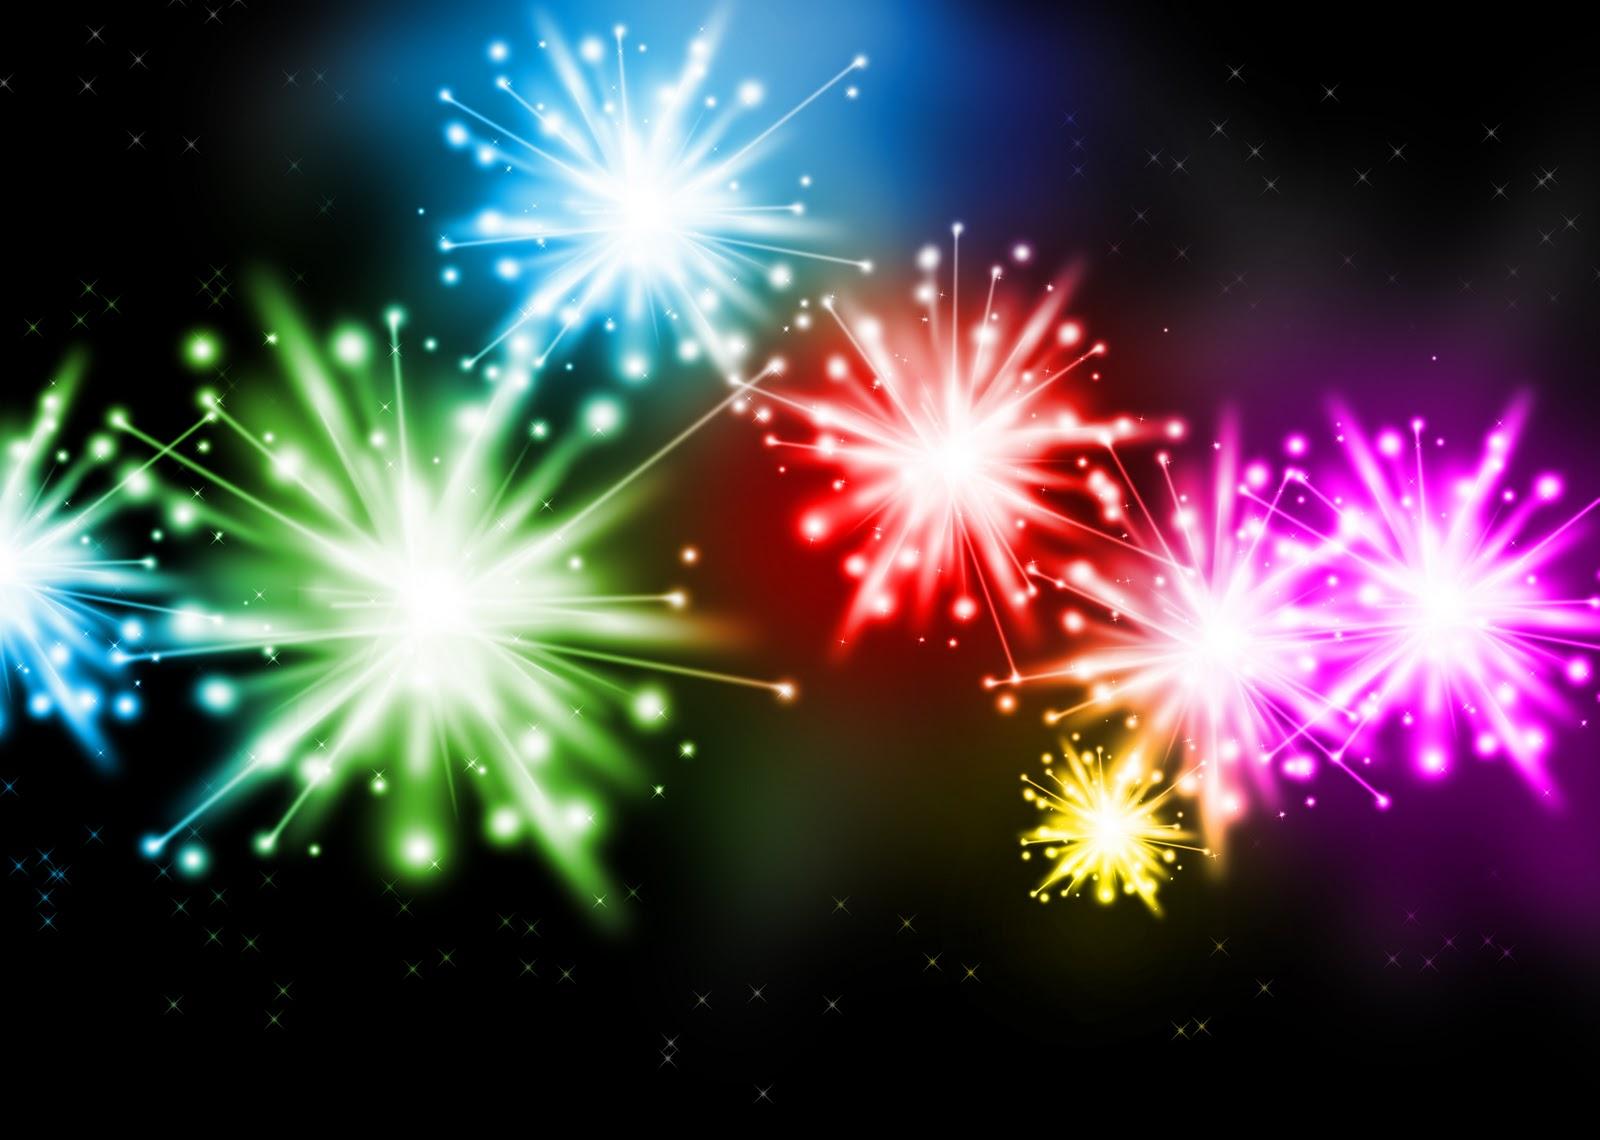 http://4.bp.blogspot.com/_LYW5qzA6mmI/TRx8OuDi95I/AAAAAAAAA28/eWqE2rYn0RA/s1600/fireworks.jpg